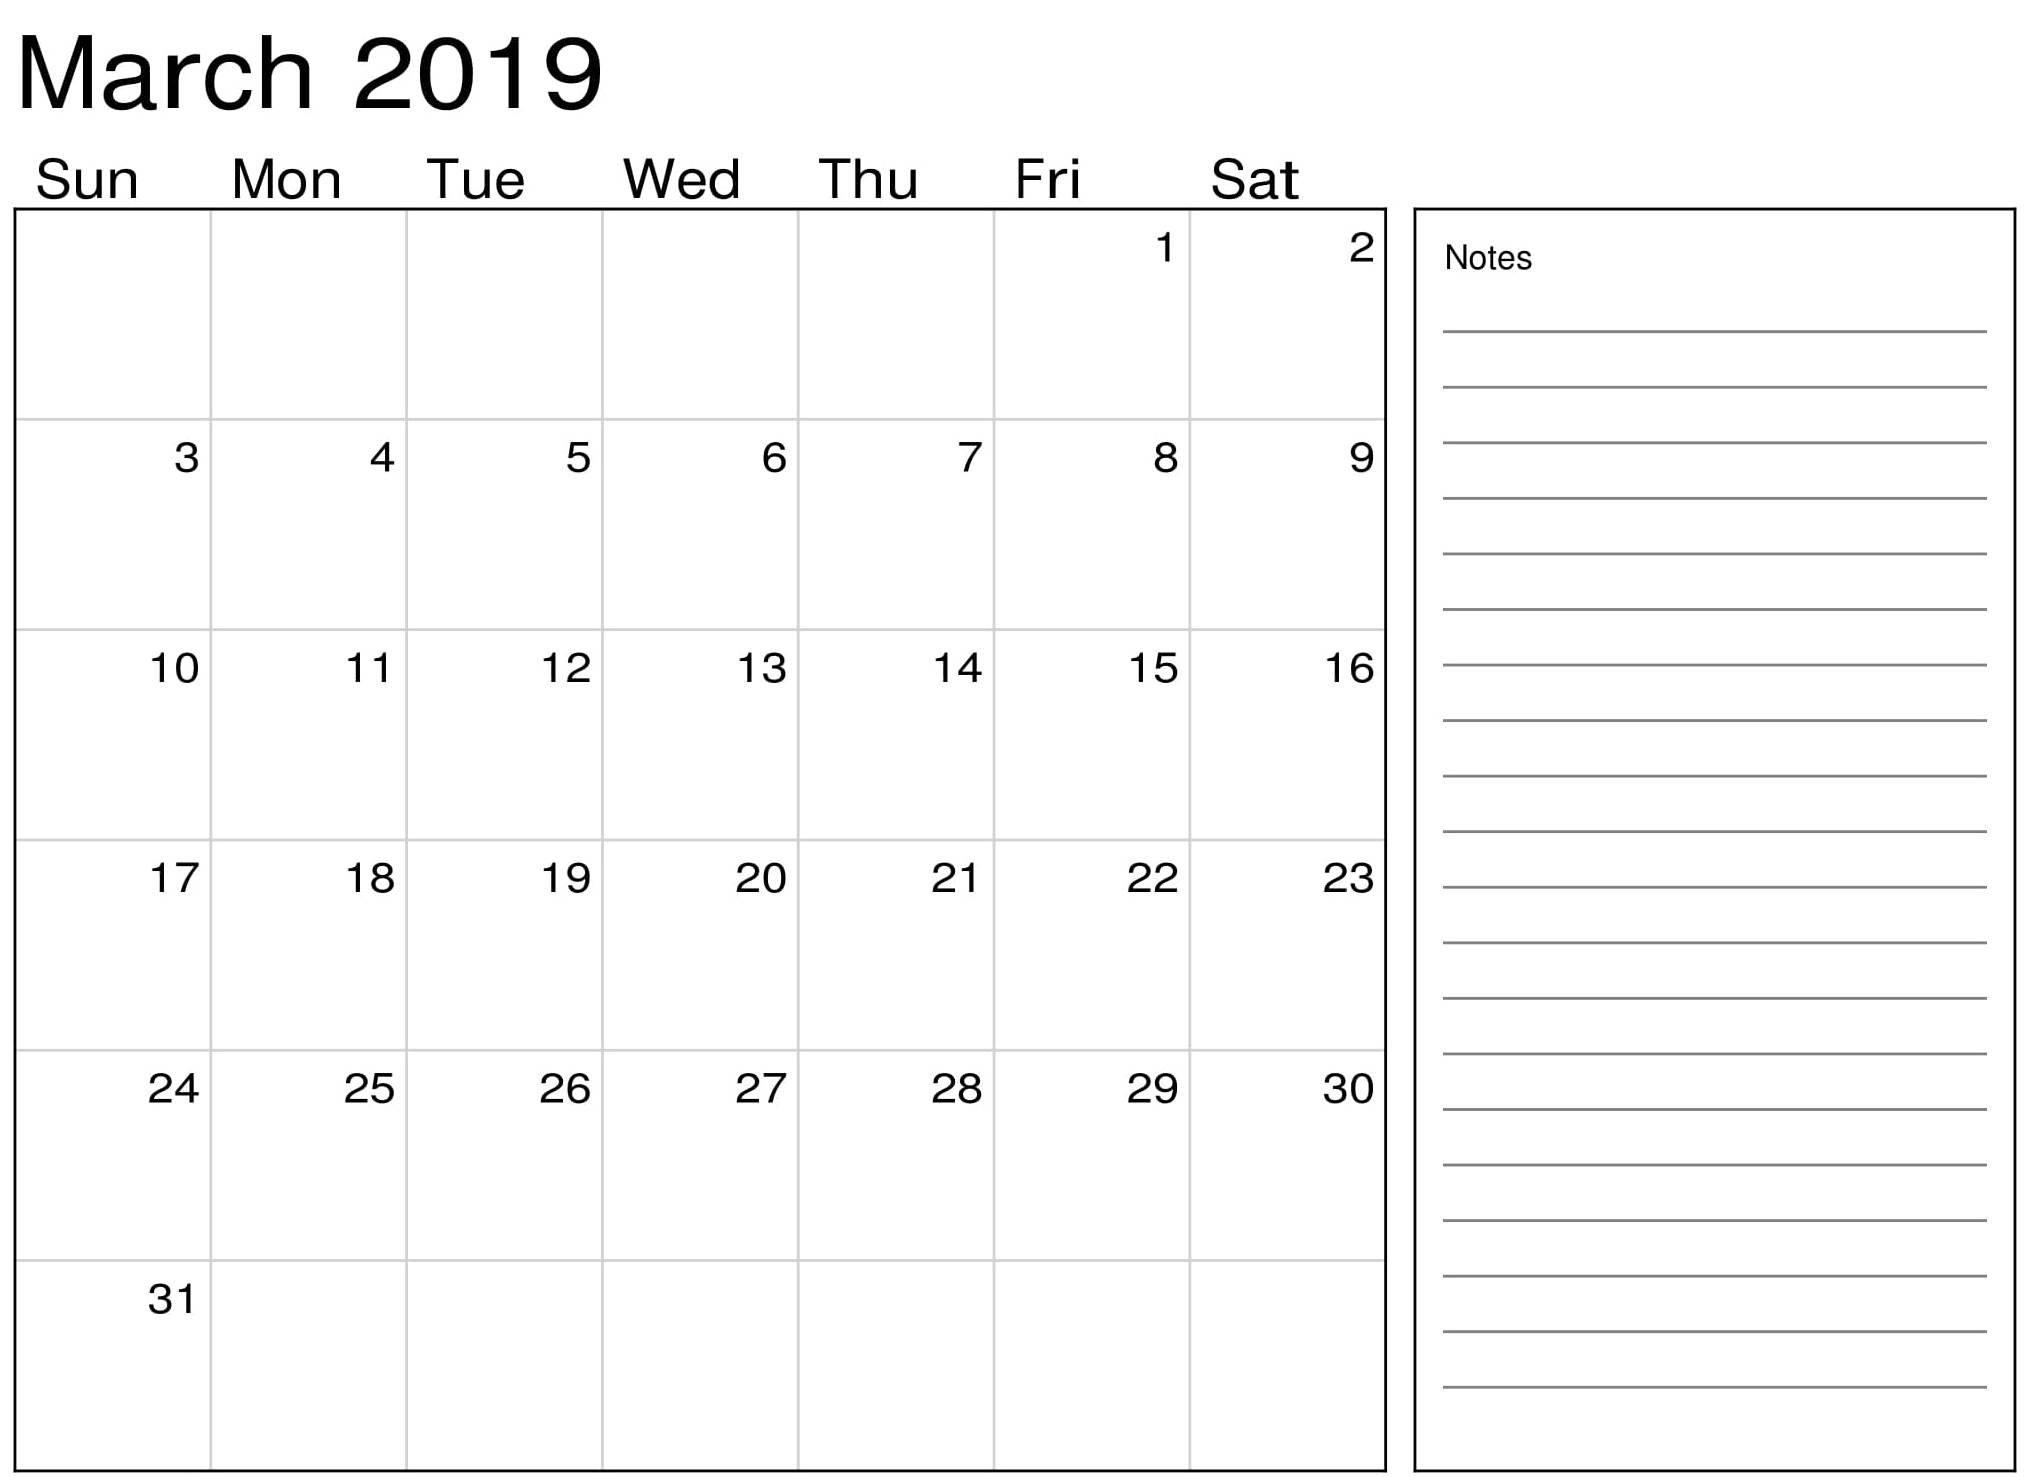 March Calendar 2019 With Notes - Printable Calendar Templates Calendar 2019 Notes